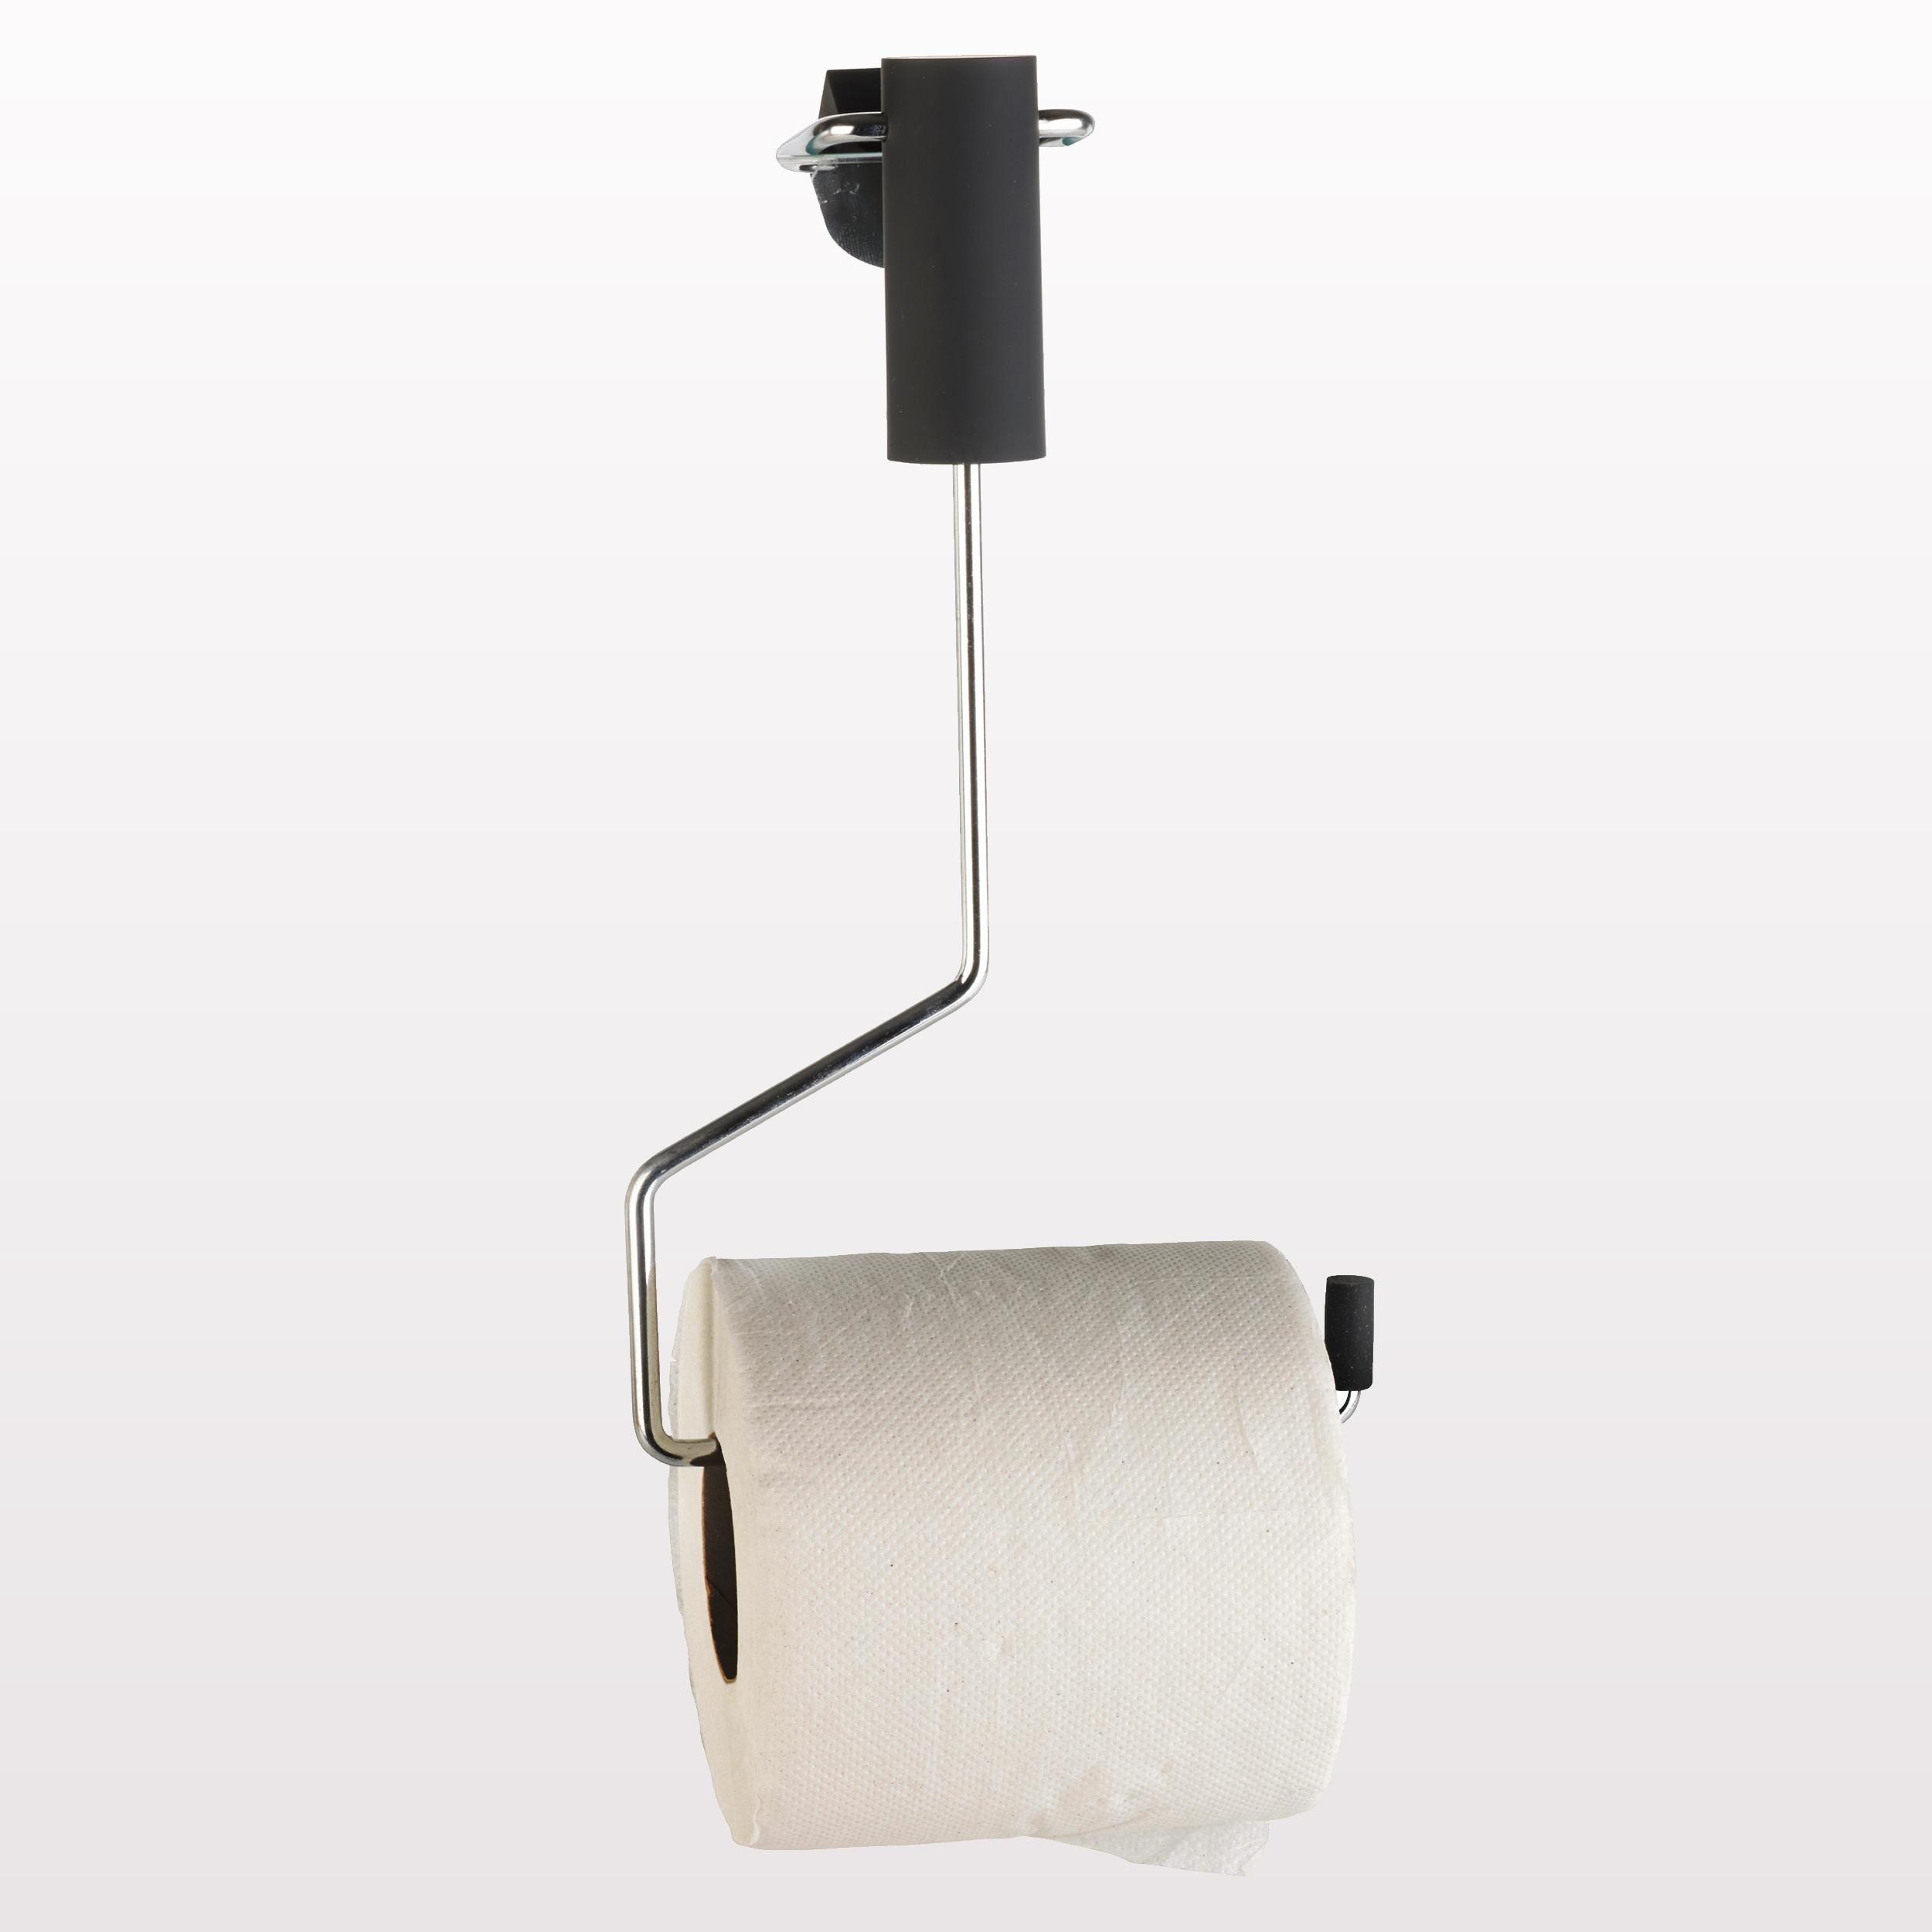 support mural spizy porte rouleau papier toilette balan oire salle de bain ebay. Black Bedroom Furniture Sets. Home Design Ideas